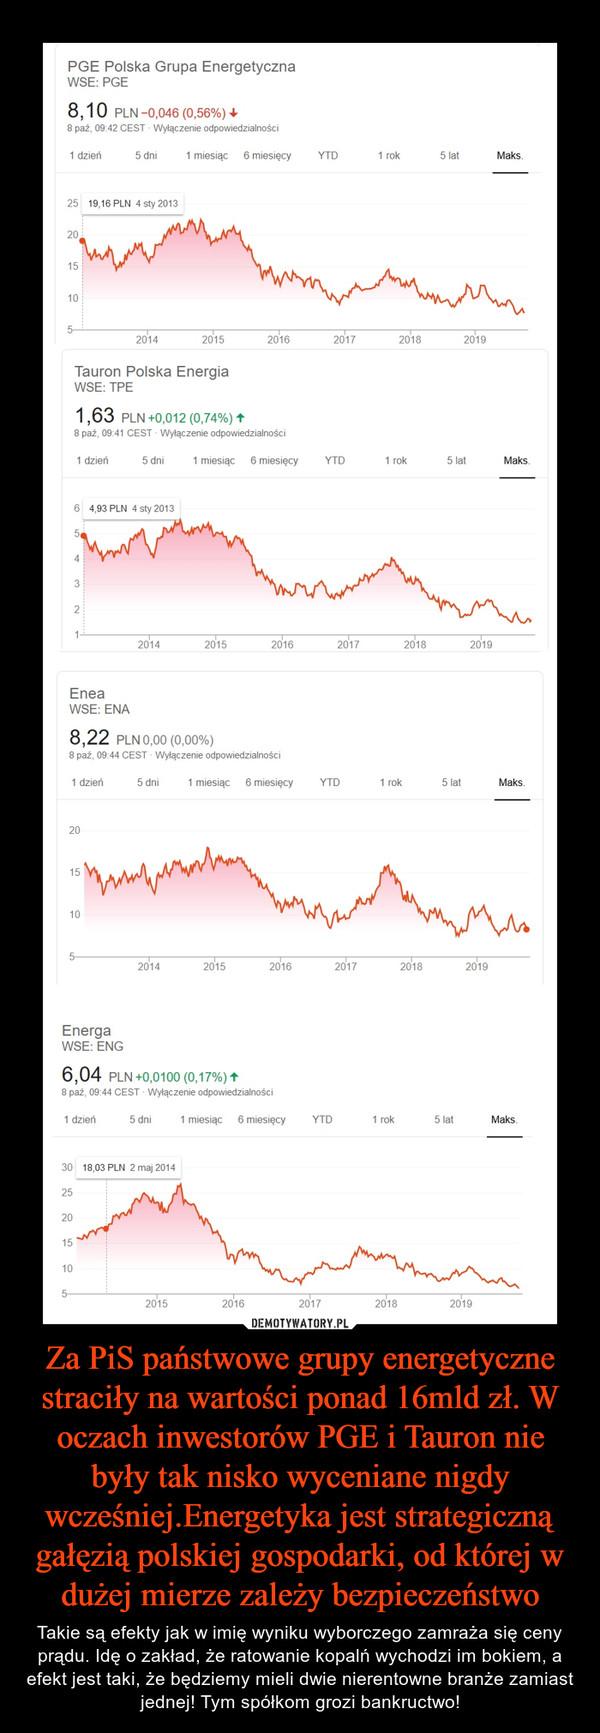 Za PiS państwowe grupy energetyczne straciły na wartości ponad 16mld zł. W oczach inwestorów PGE i Tauron nie były tak nisko wyceniane nigdy wcześniej.Energetyka jest strategiczną gałęzią polskiej gospodarki, od której w dużej mierze zależy bezpieczeństwo – Takie są efekty jak w imię wyniku wyborczego zamraża się ceny prądu. Idę o zakład, że ratowanie kopalń wychodzi im bokiem, a efekt jest taki, że będziemy mieli dwie nierentowne branże zamiast jednej! Tym spółkom grozi bankructwo!